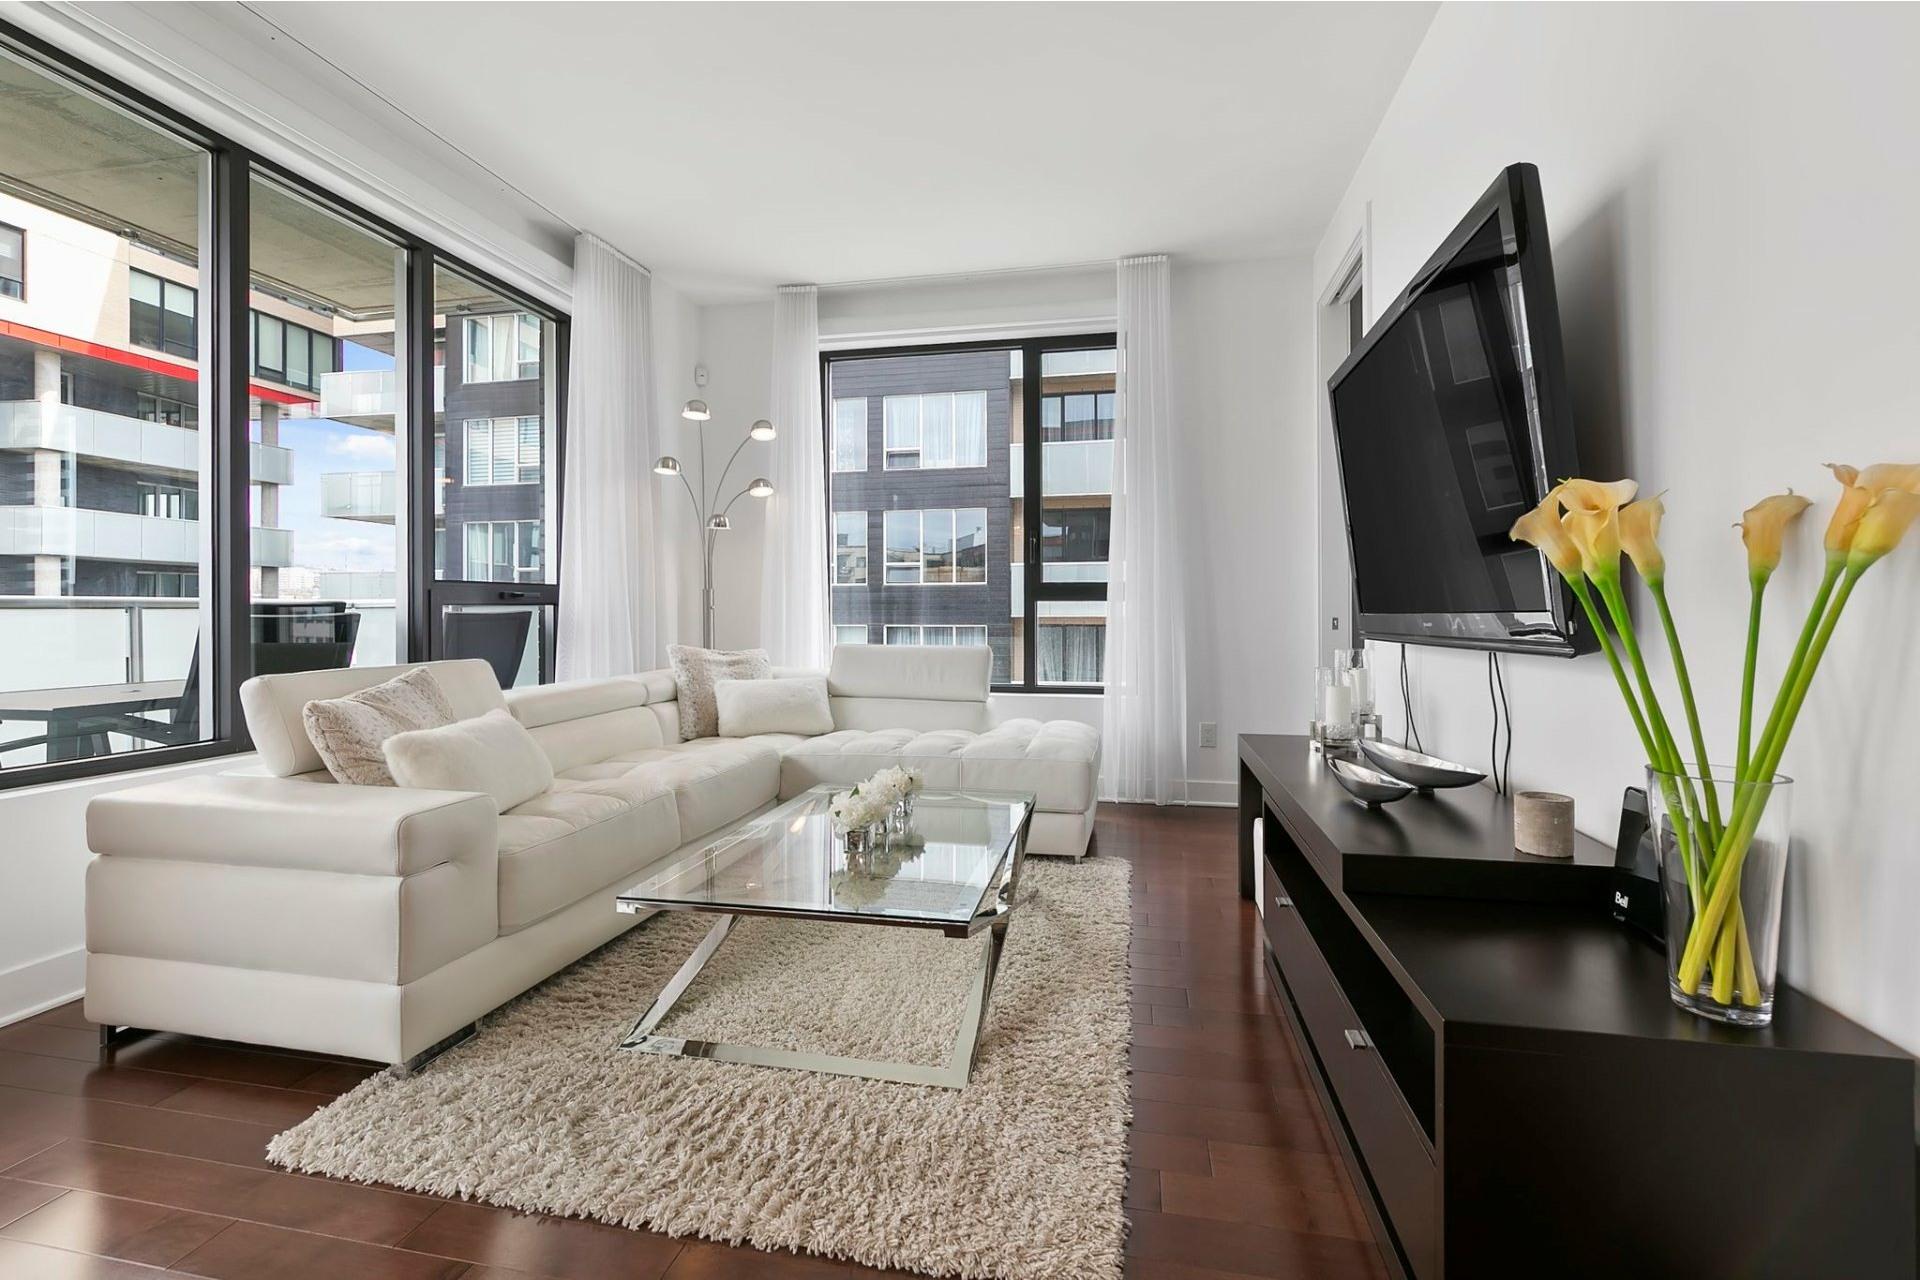 image 11 - Apartment For sale Côte-des-Neiges/Notre-Dame-de-Grâce Montréal  - 8 rooms